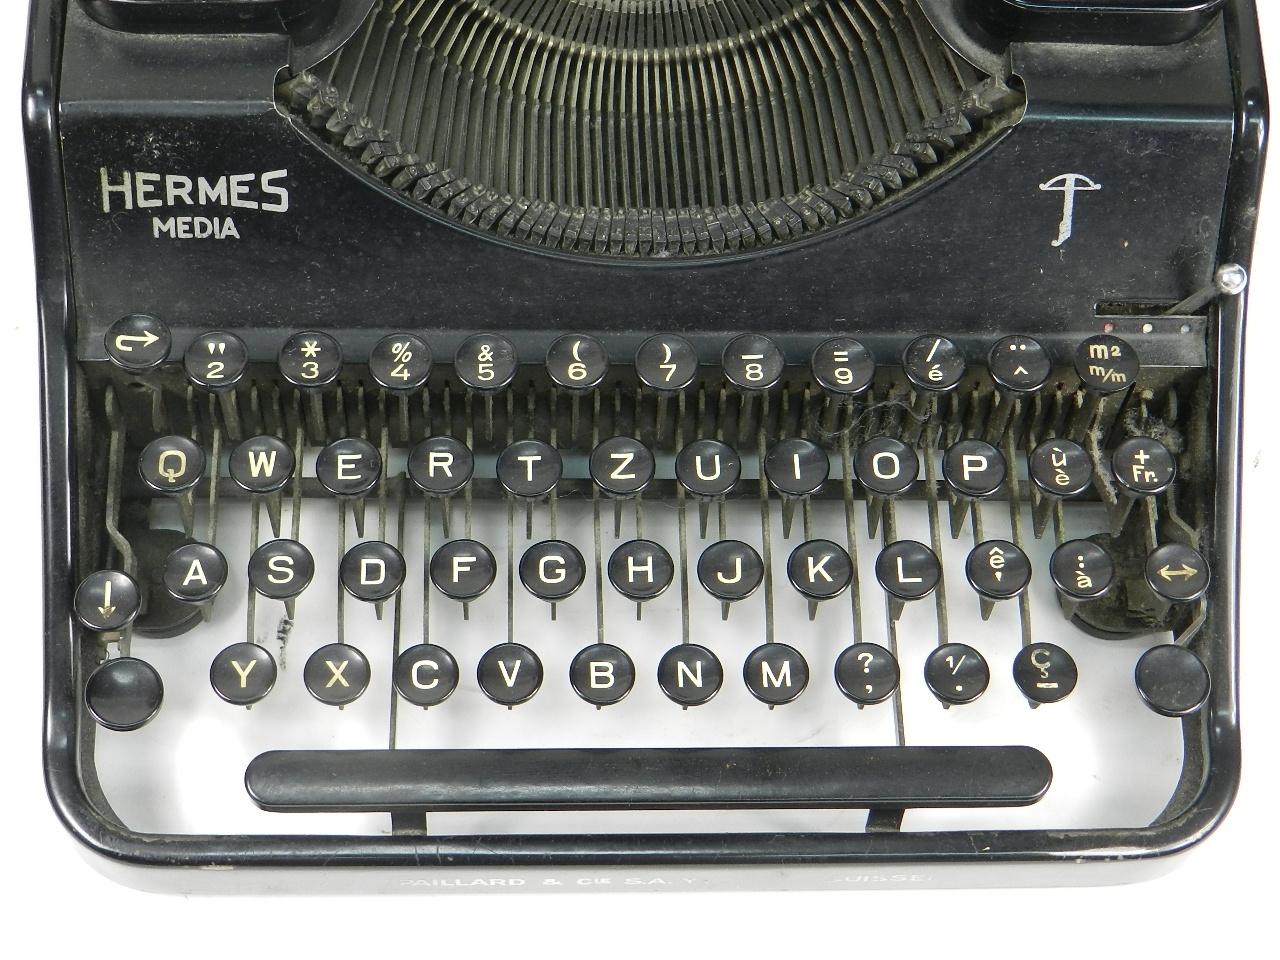 Imagen HERMES MEDIA 2000  AÑO 1939 29968